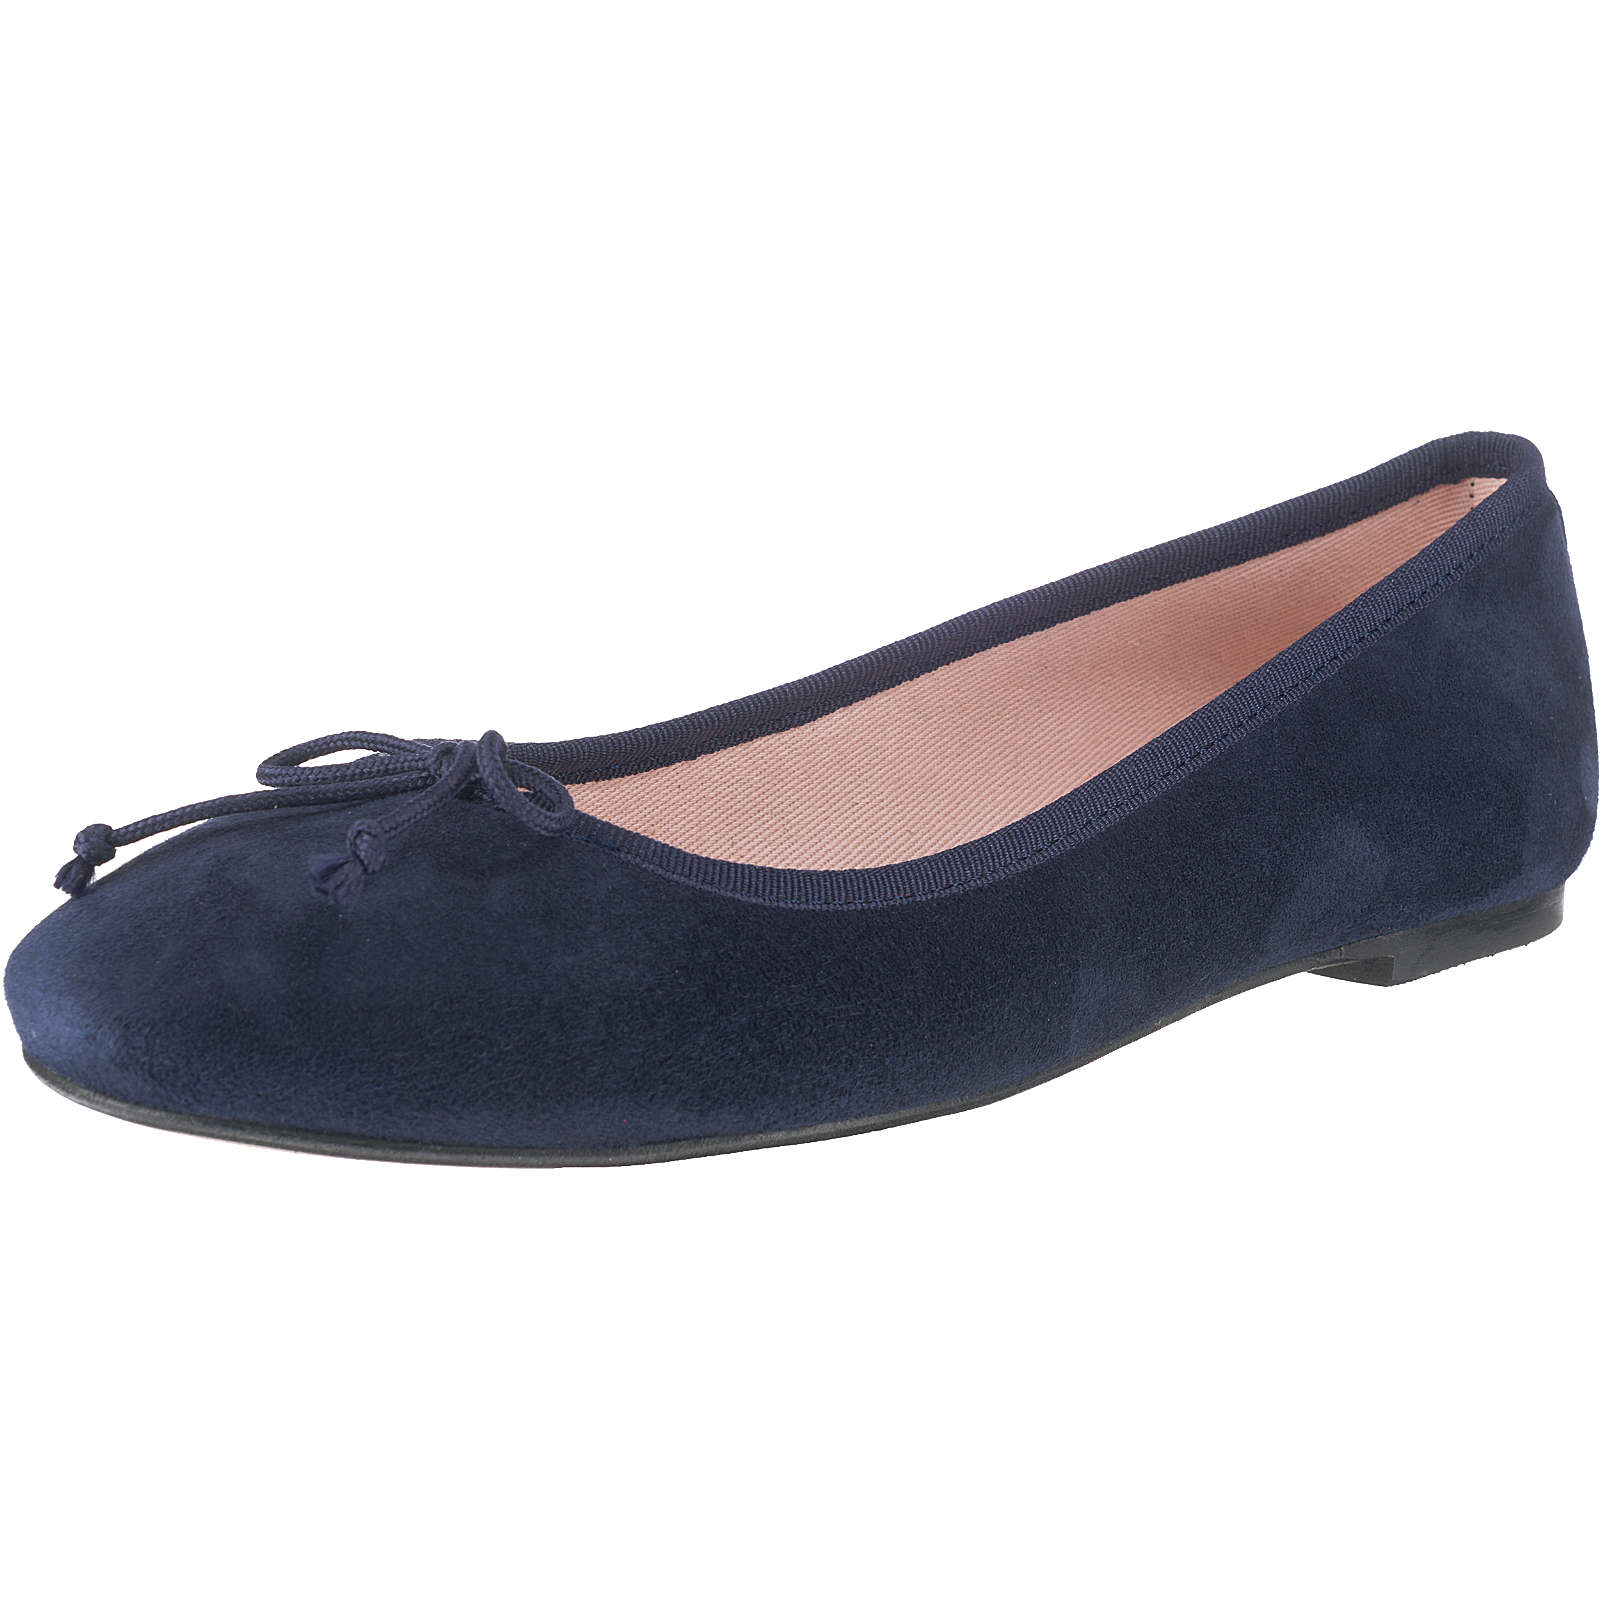 mint&berry Klassische Ballerinas dunkelblau Damen Gr. 37